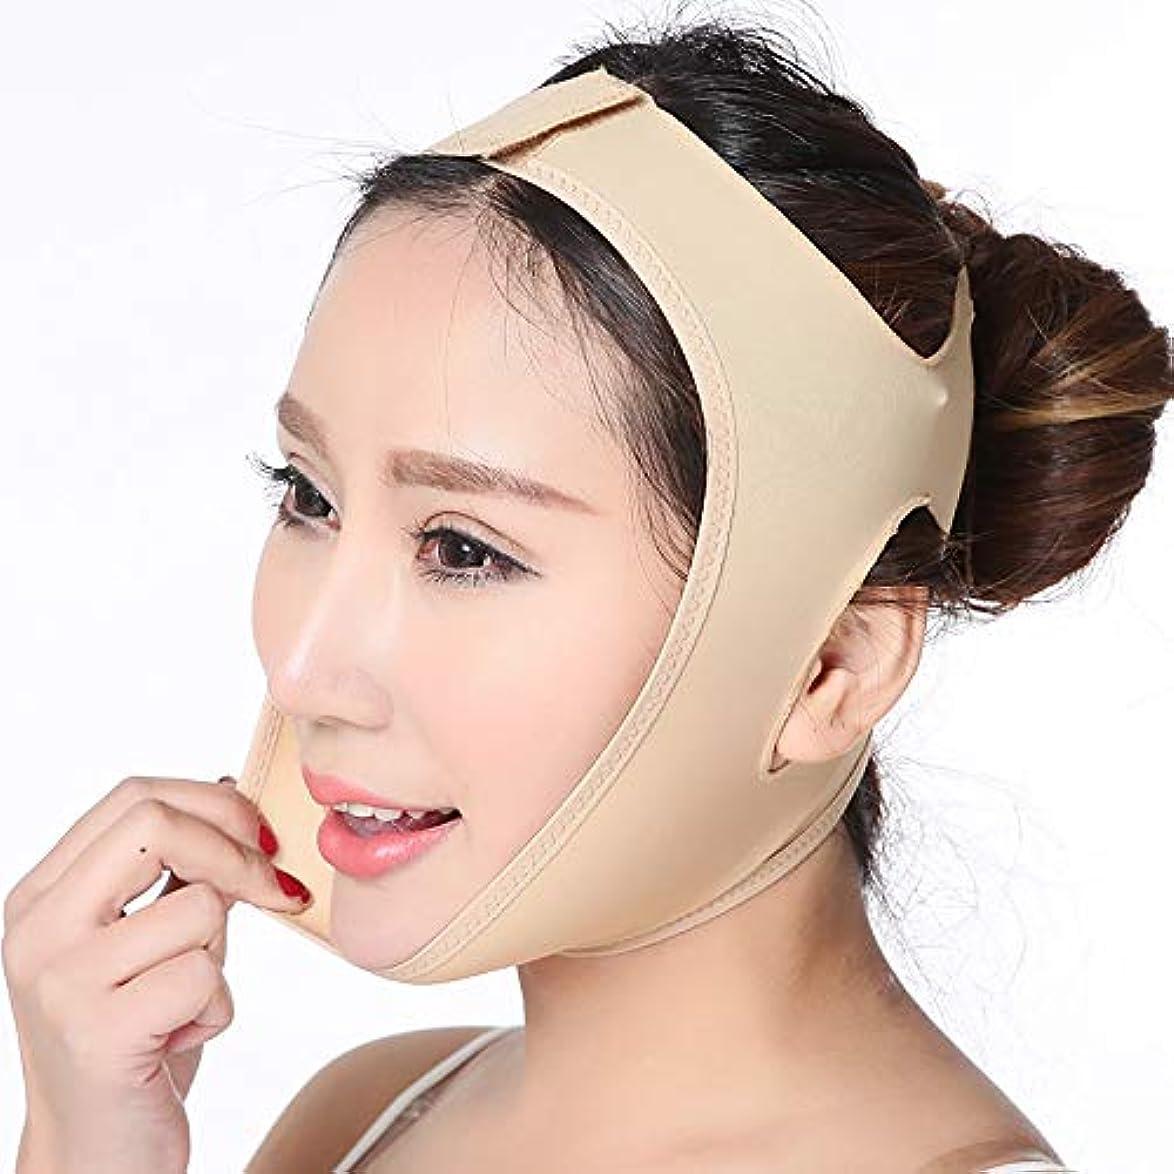 突き刺すパイハチ顔のslim身リフティング包帯、通気性と超薄型、あごライン輪郭コンパクトフェイスリフティングツール、ユニセックス、肌の色